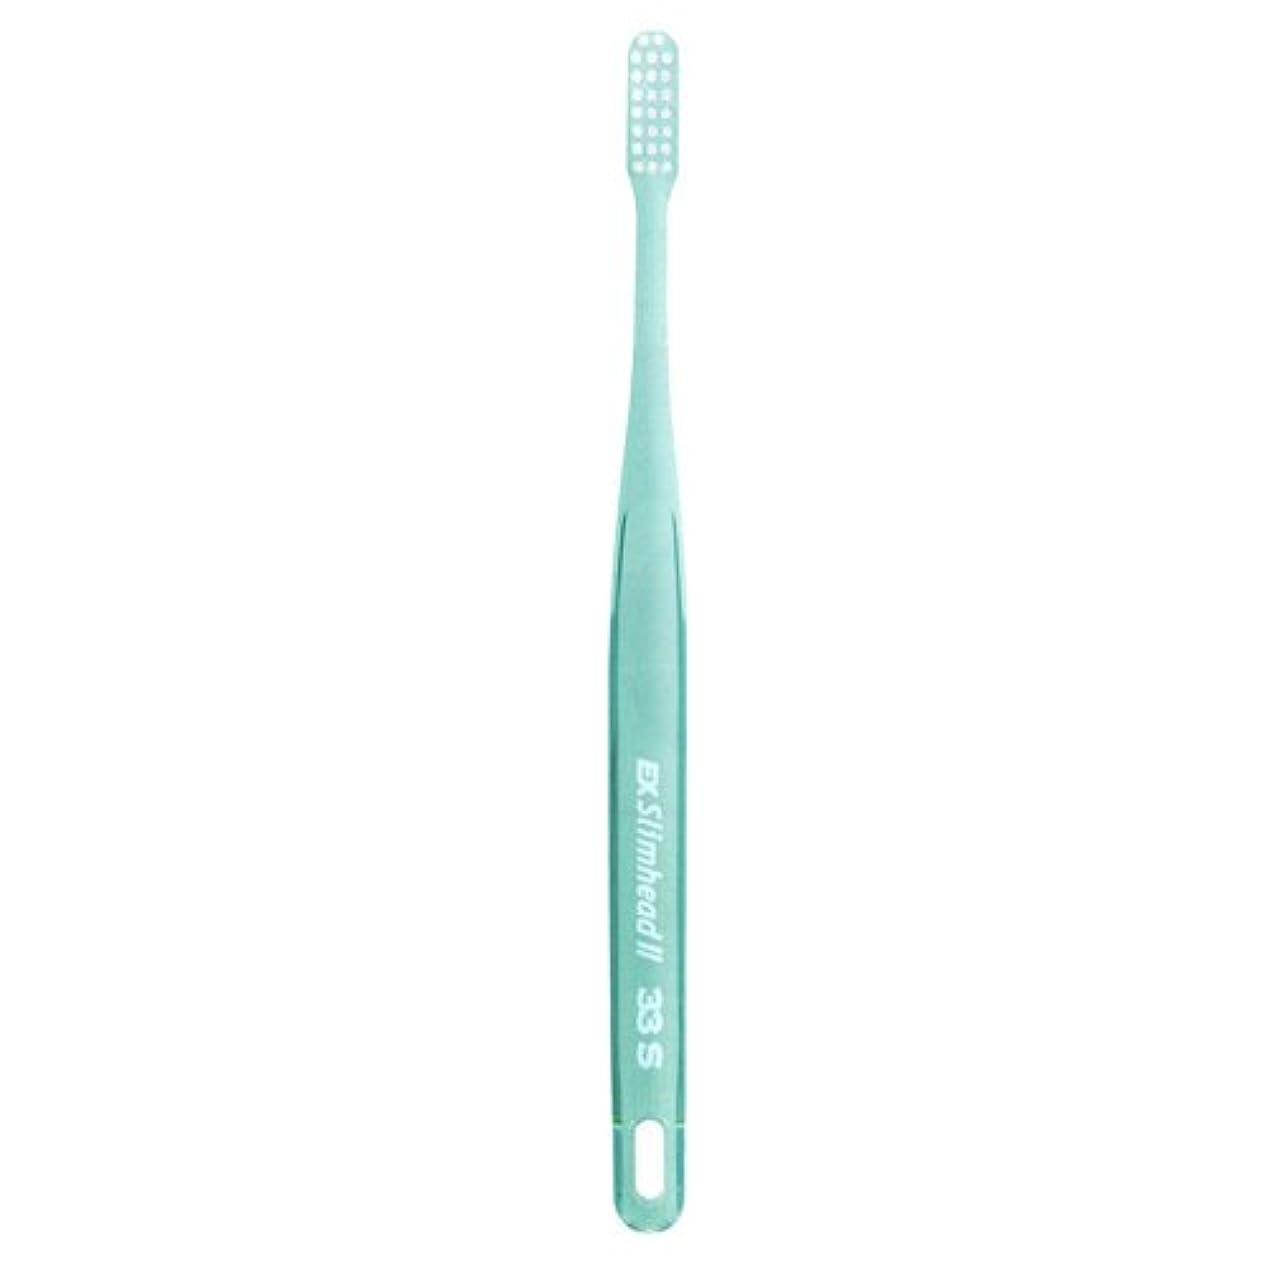 おめでとう豊かな気楽なライオン スリムヘッド2 歯ブラシ DENT . EX Slimhead2 1本 33S クリアグリーン